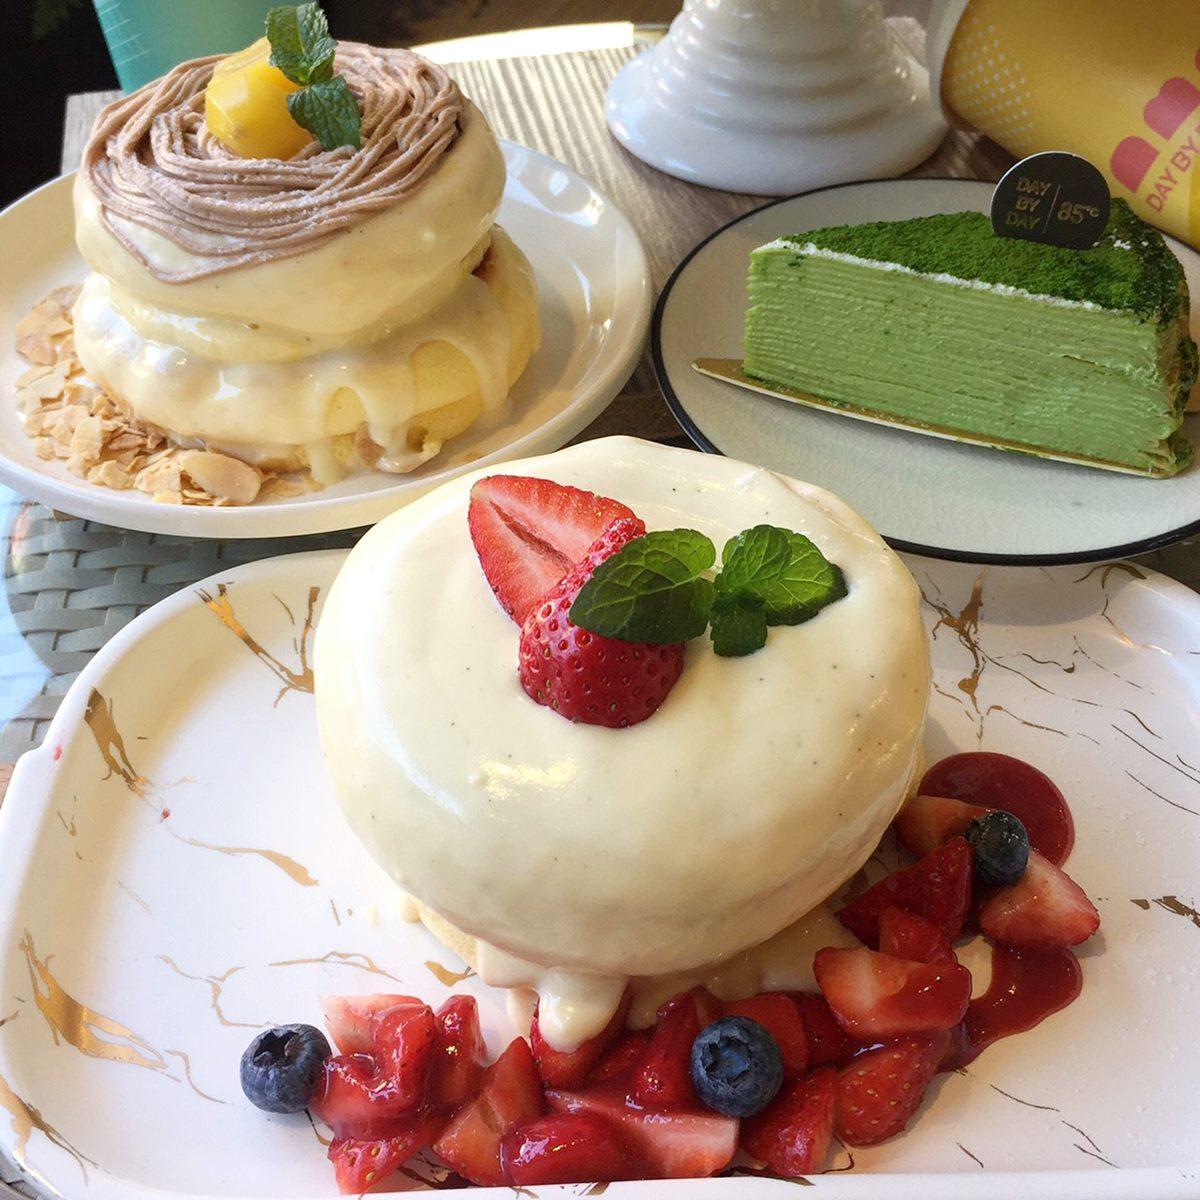 【新開店】姐妹約會囉!85ºC新網美咖啡廳「DAY BY DAY」,搶吃韓式厚煎吐司